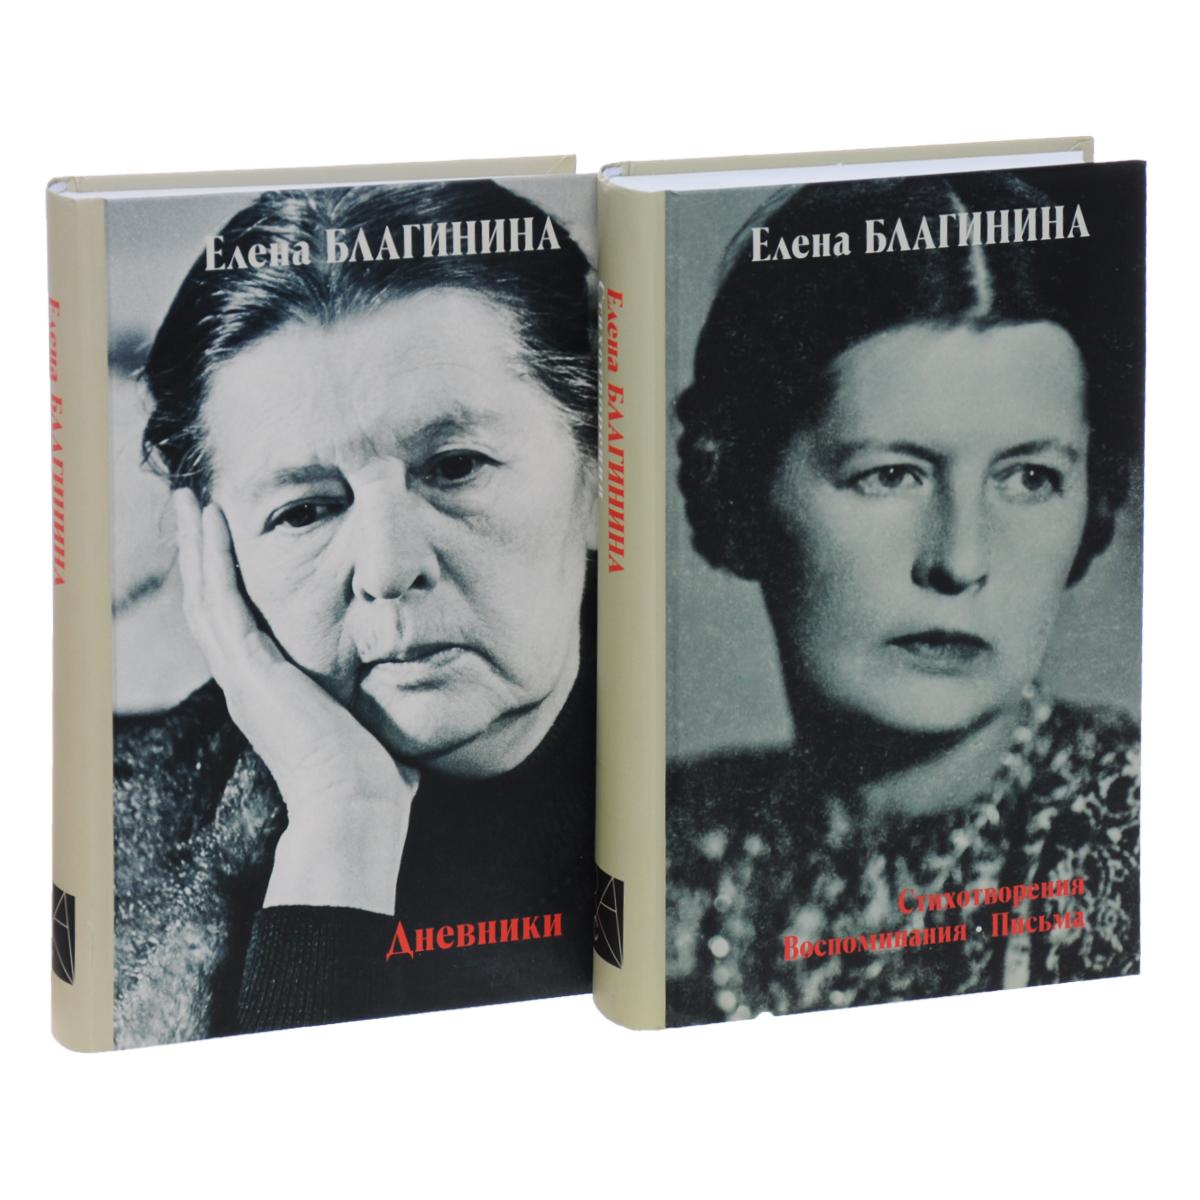 Елена Благинина. Стихотворения. Воспоминания. Письма. Дневники (комплект из 2 книг)